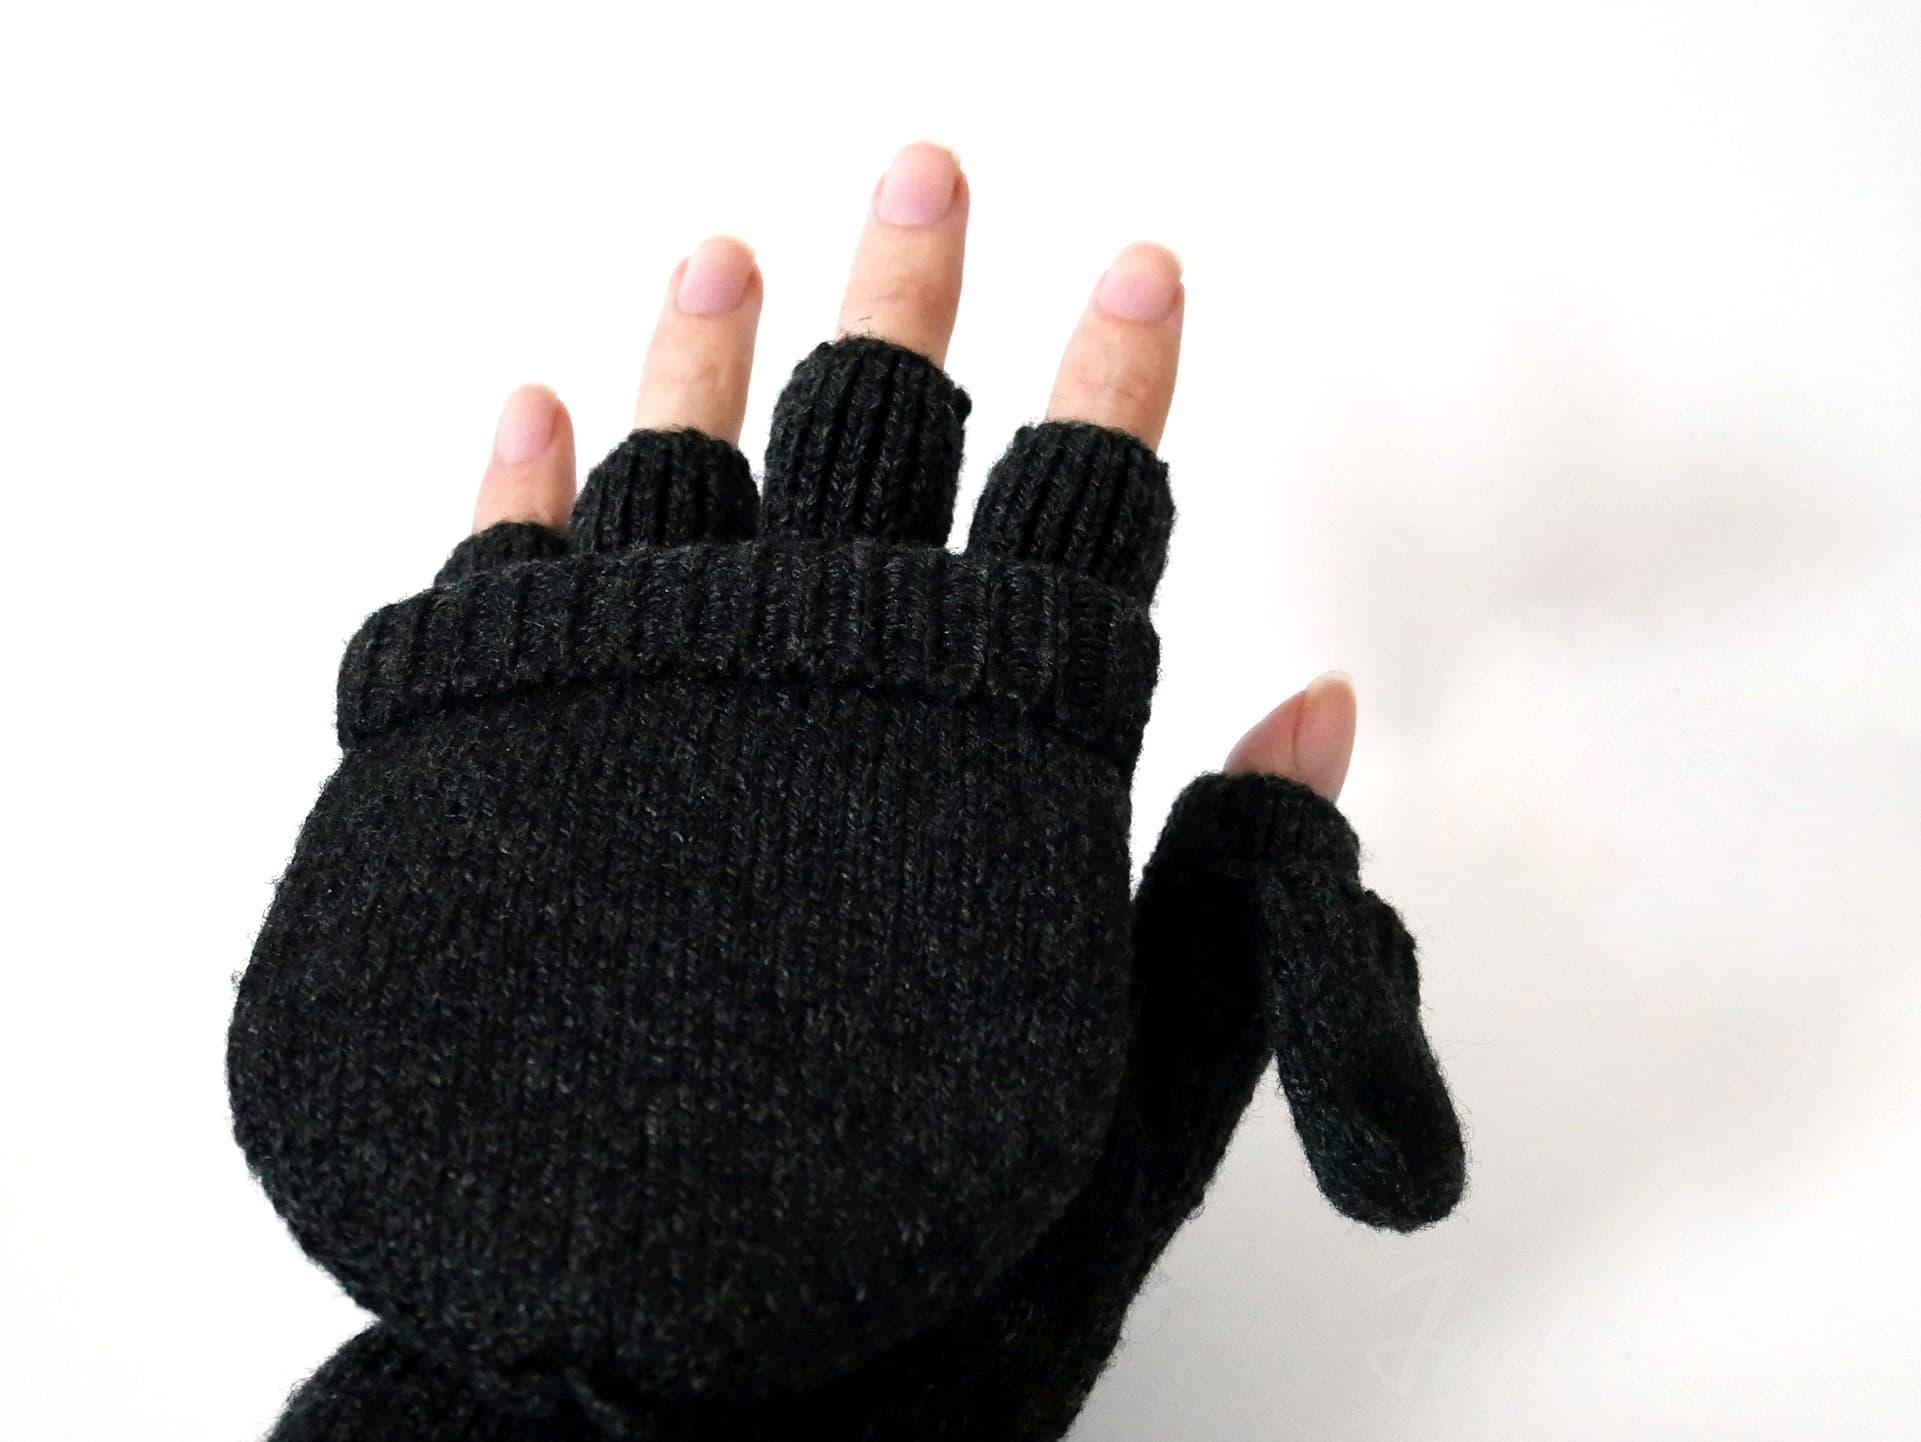 ウール混フード付き半指手袋を手にはめた状態